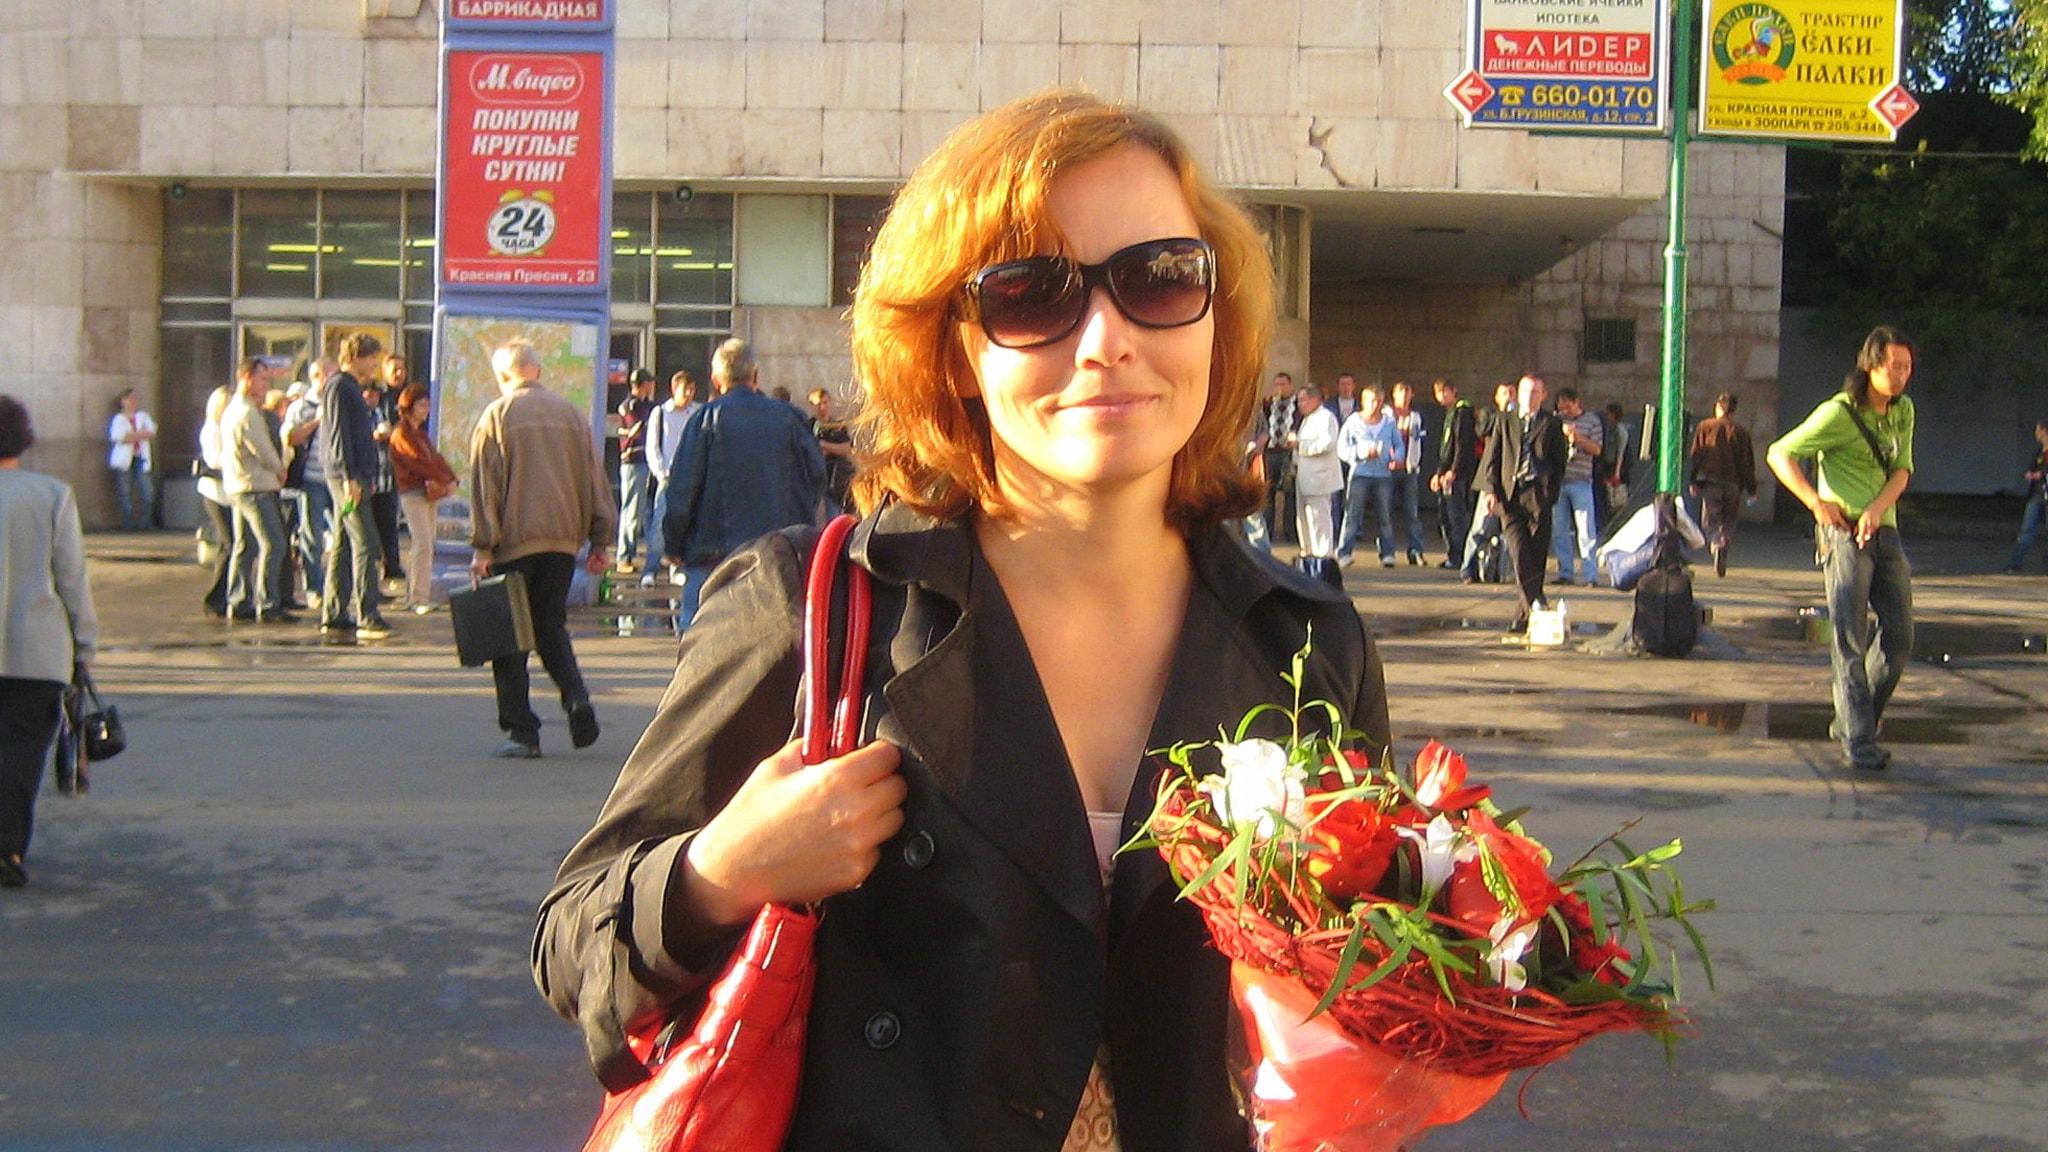 Kvinnor Utgör Ryssland